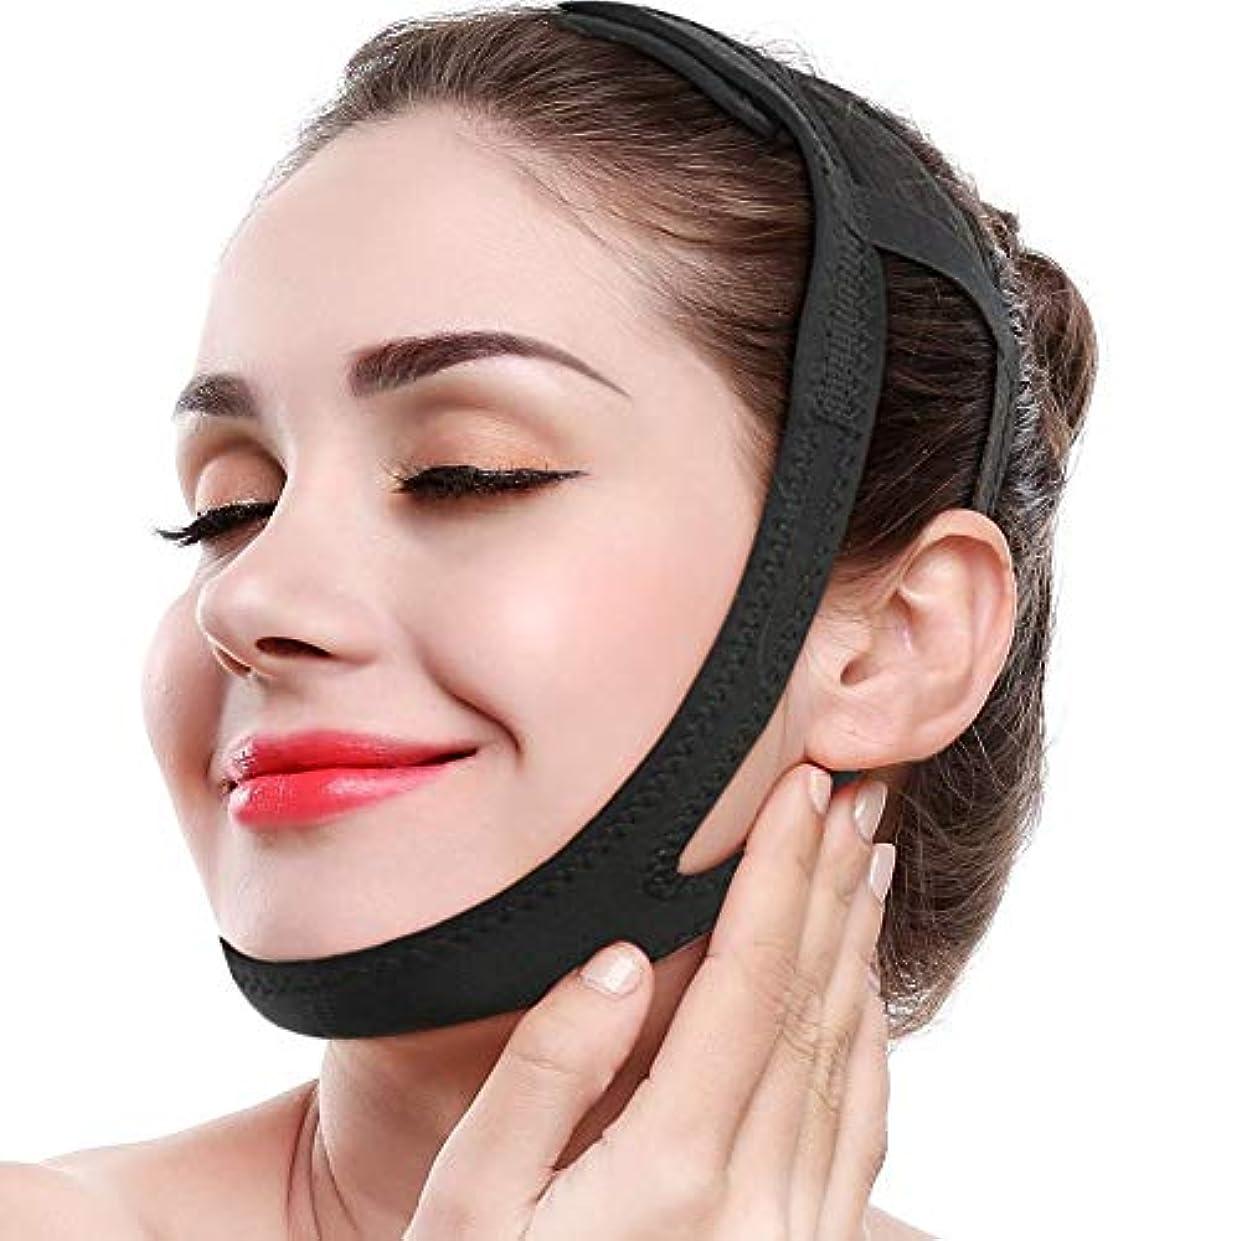 プット親密なカメラ顔の細くの薄い表面マスク、持ち上がる表面ベルトは顔の包帯のための二重あごの引き締まった肌の抵抗の形のVライン減量を減らします